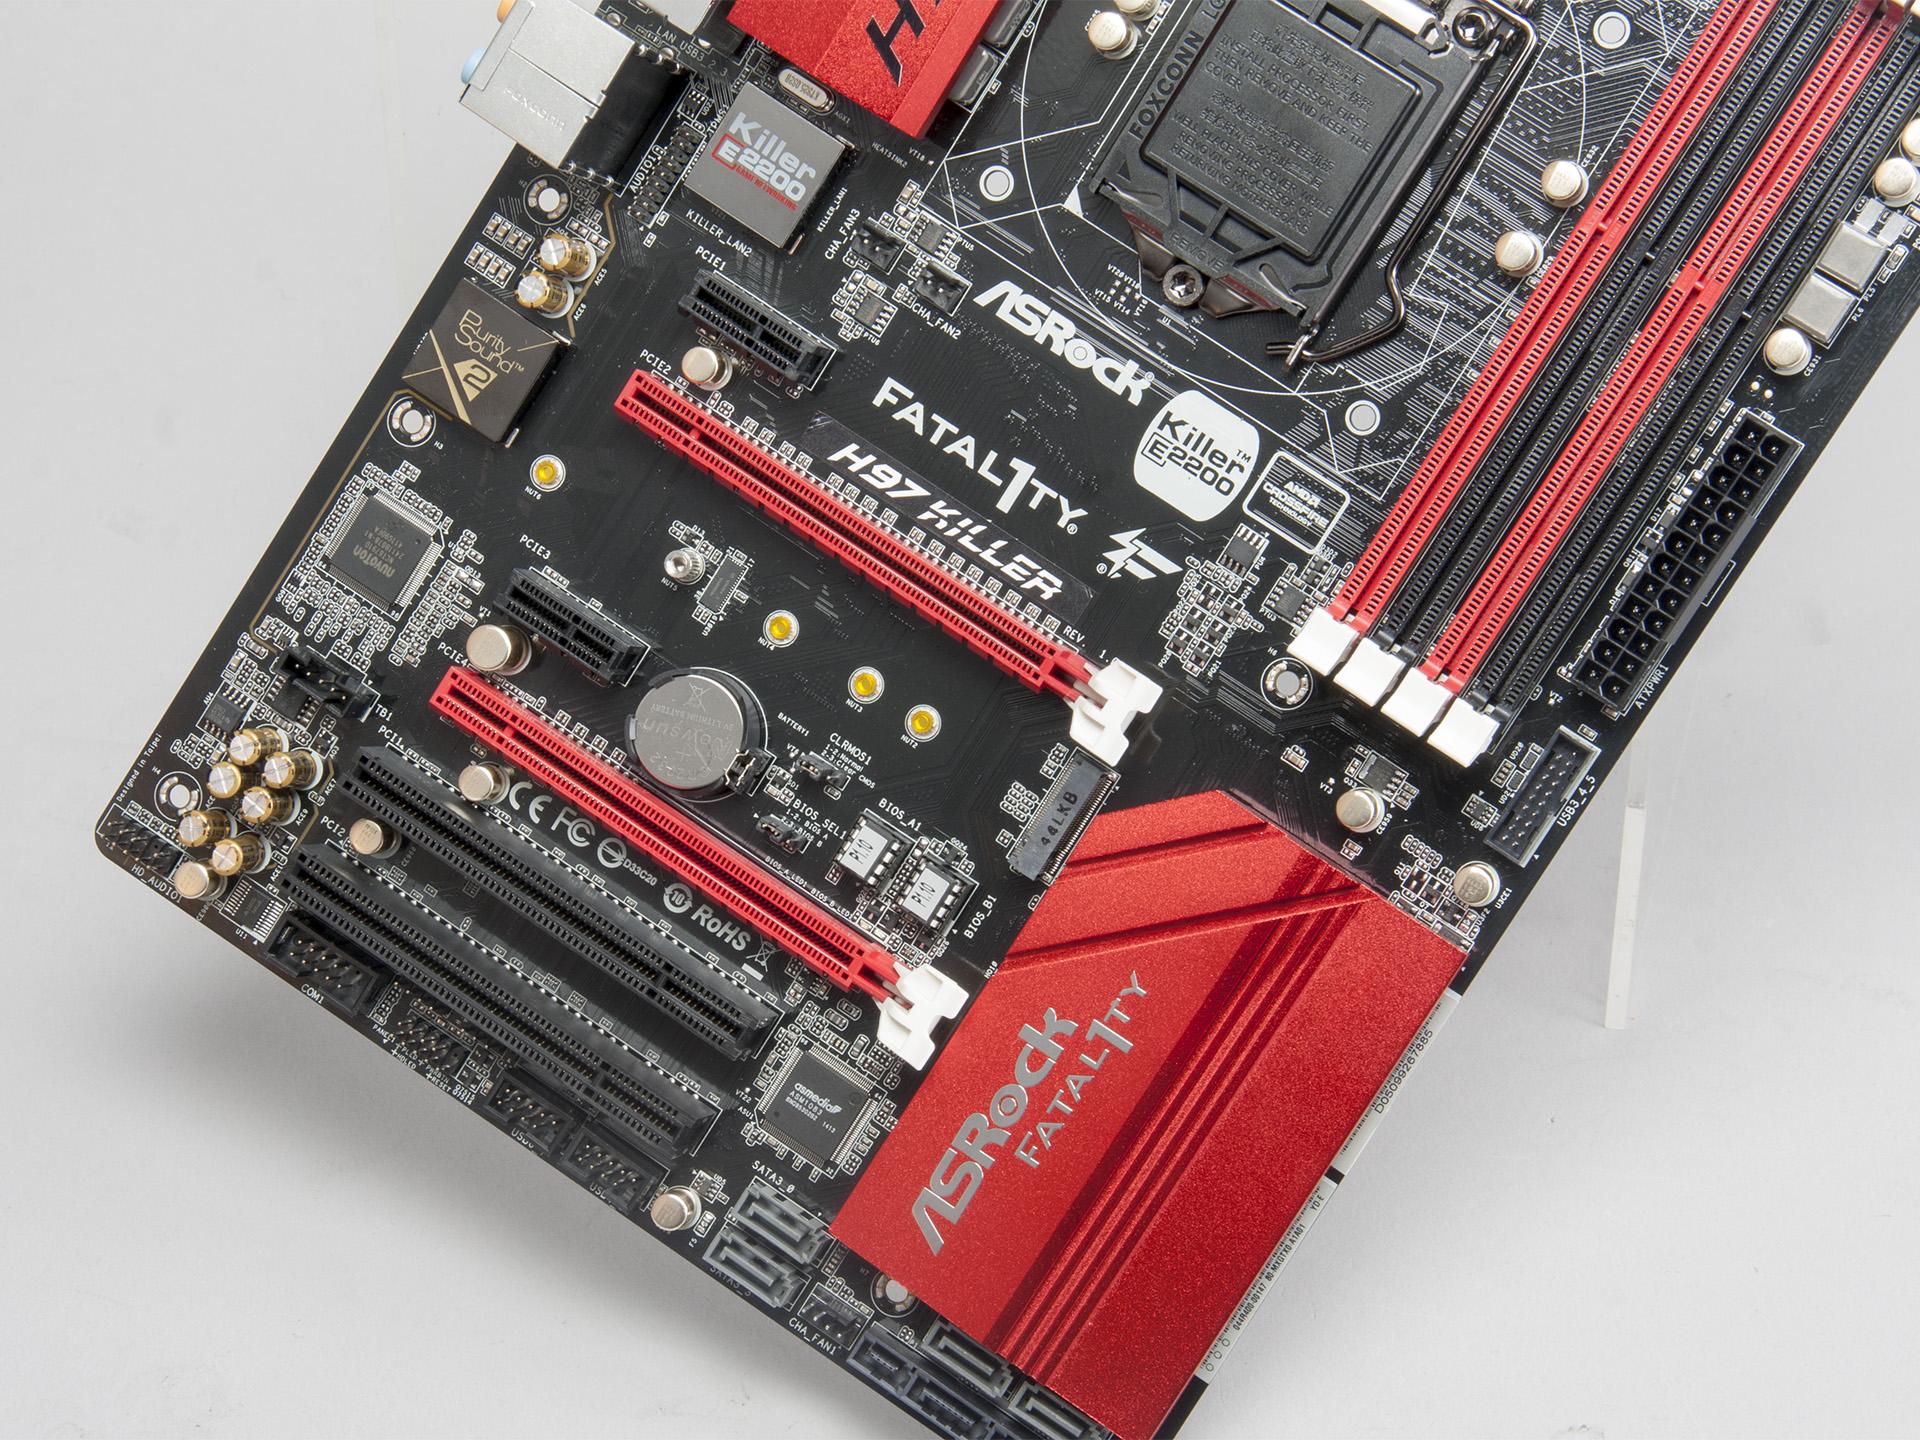 華擎H97 Killer便宜就是王道,附加功能眾多,但共享裝置、供電設計需要注意